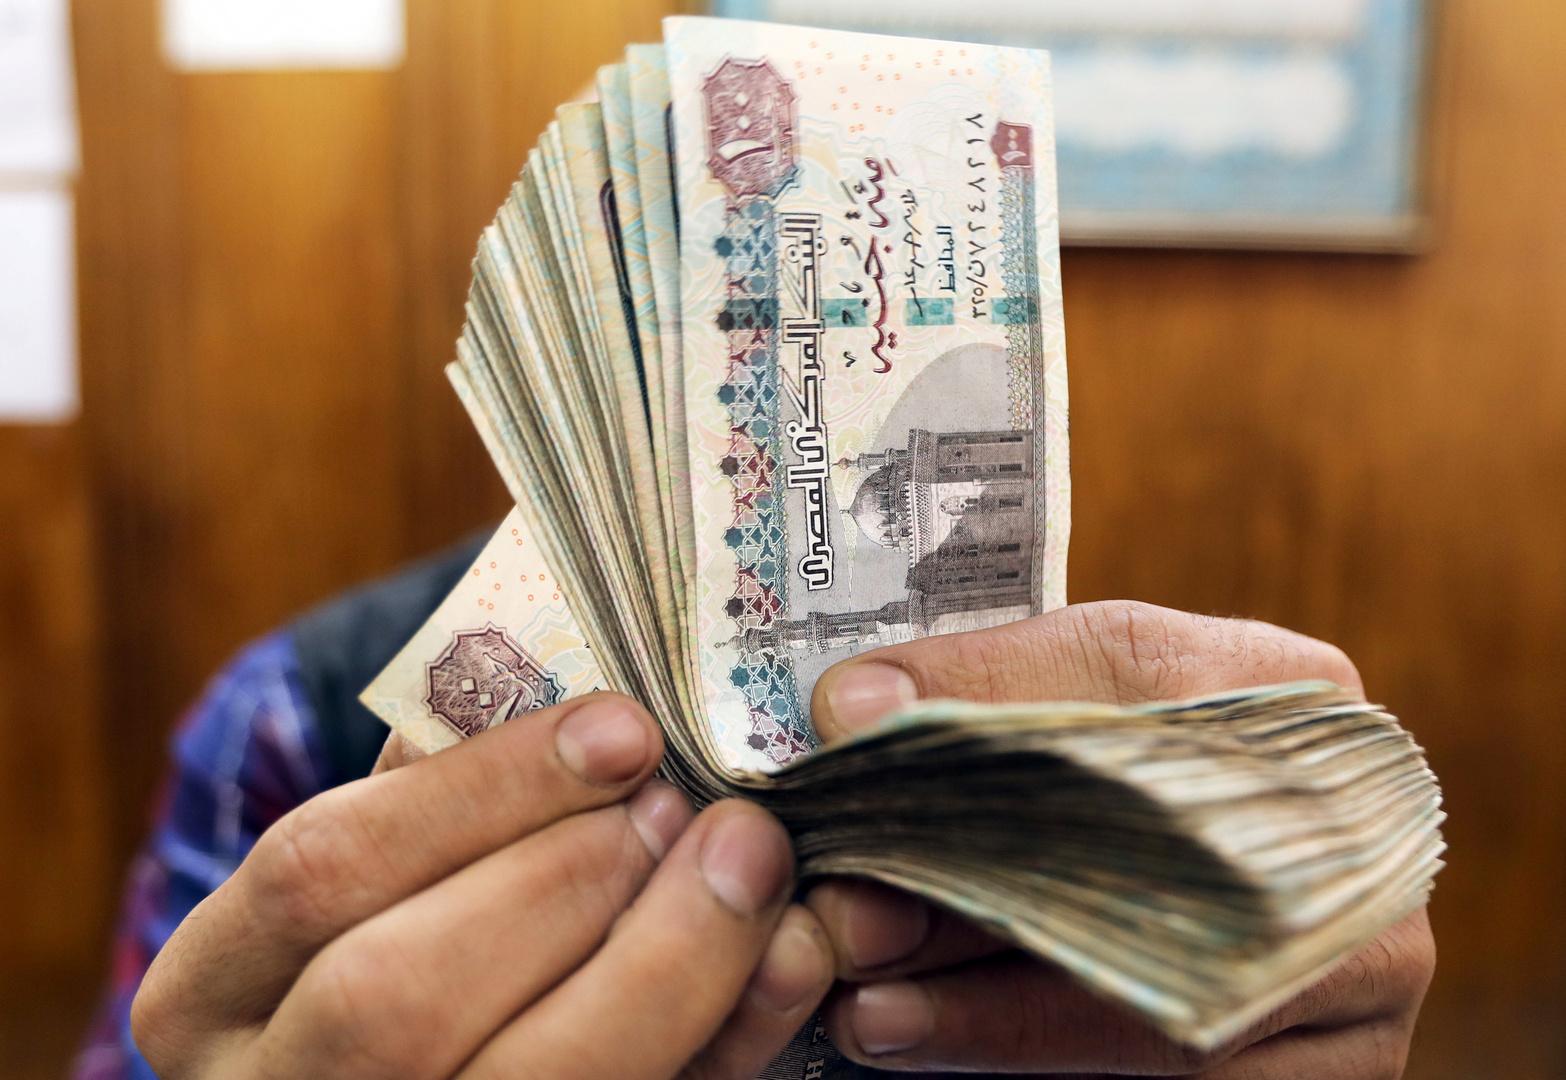 صندوق النقد الدولي يتوقع نموا عاليا للاقتصاد المصري